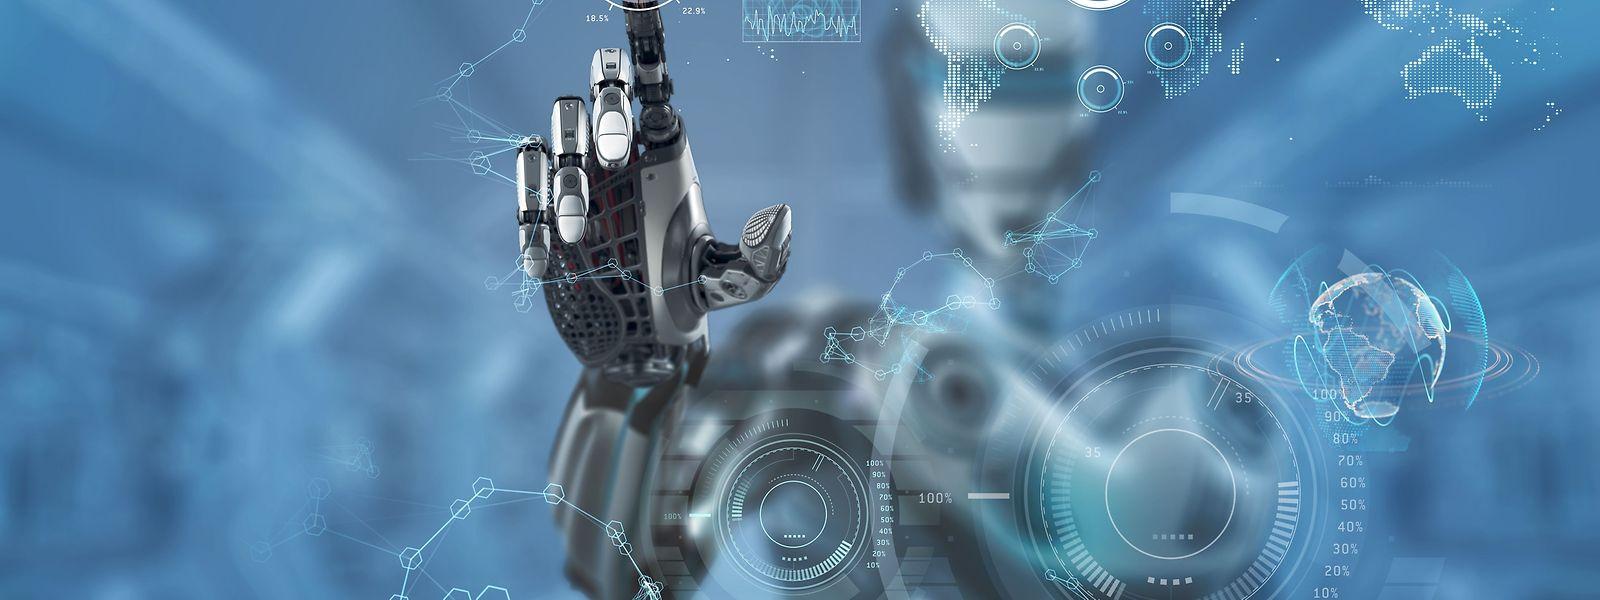 Computersimulationen, fühlende Materie, Gestaltwandler - Forschung kann auch sehr futuristisch sein.